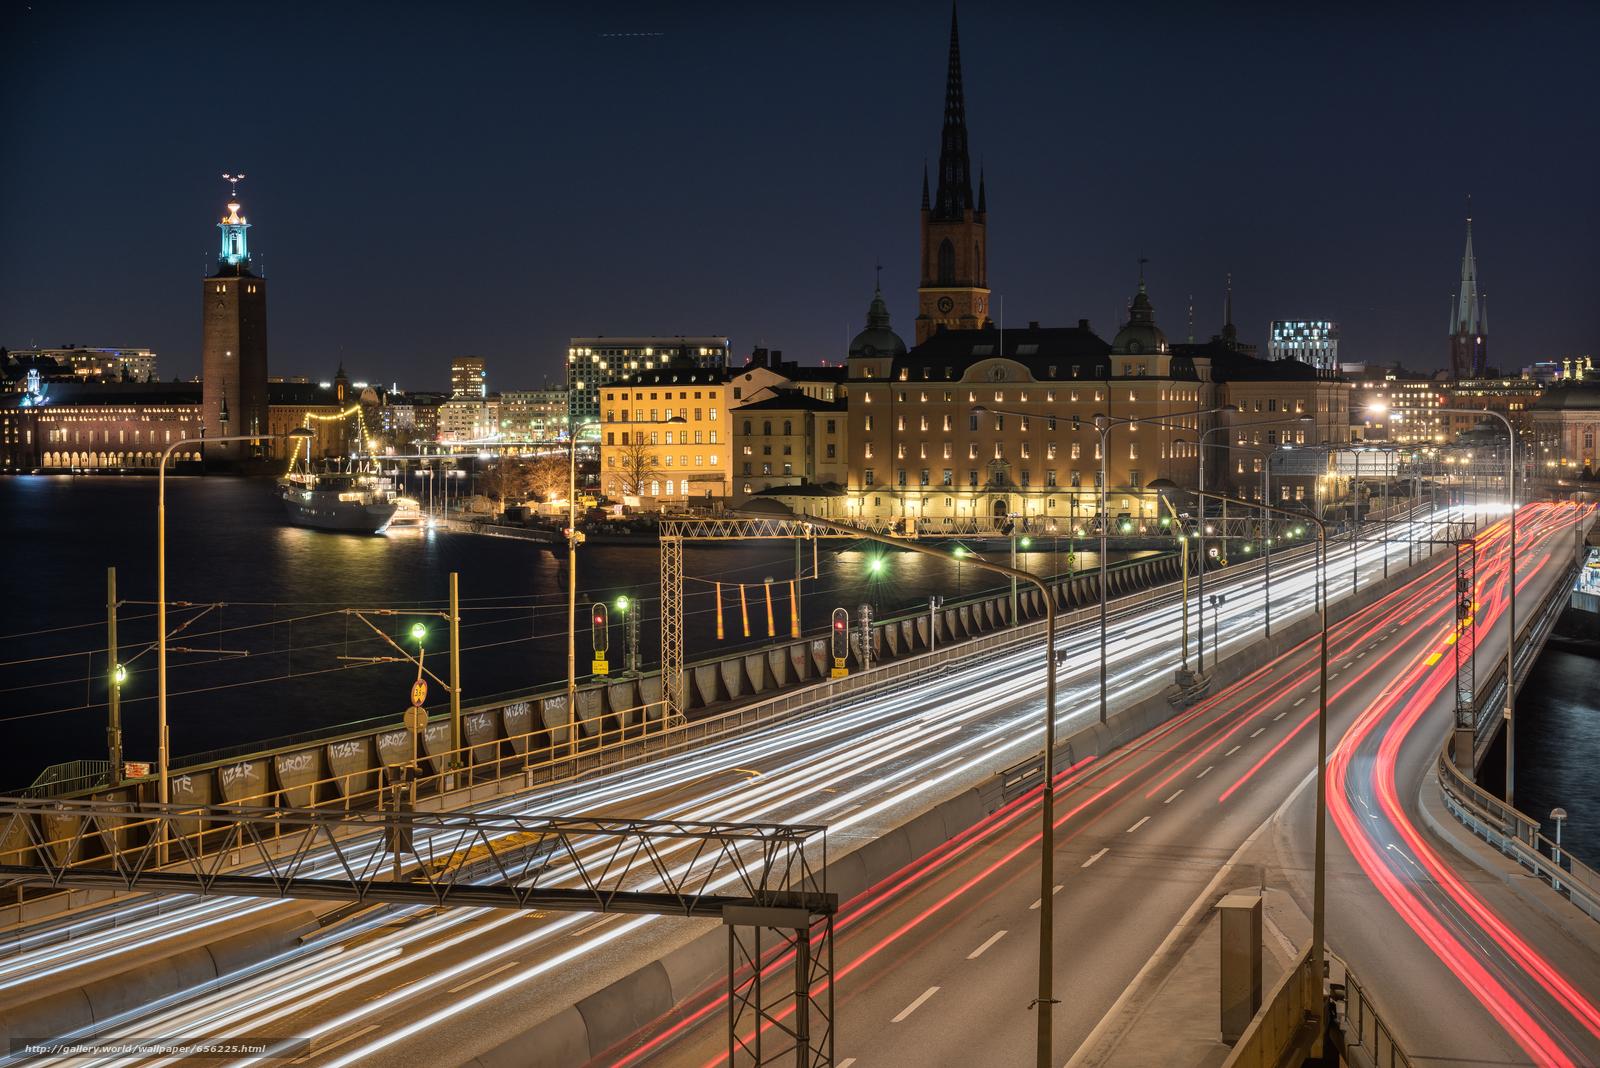 pobra tapety Sztokholm,  Szwecja,  miasto,  noc Darmowe tapety na pulpit rozdzielczoci 7360x4912 — zdjcie №656225